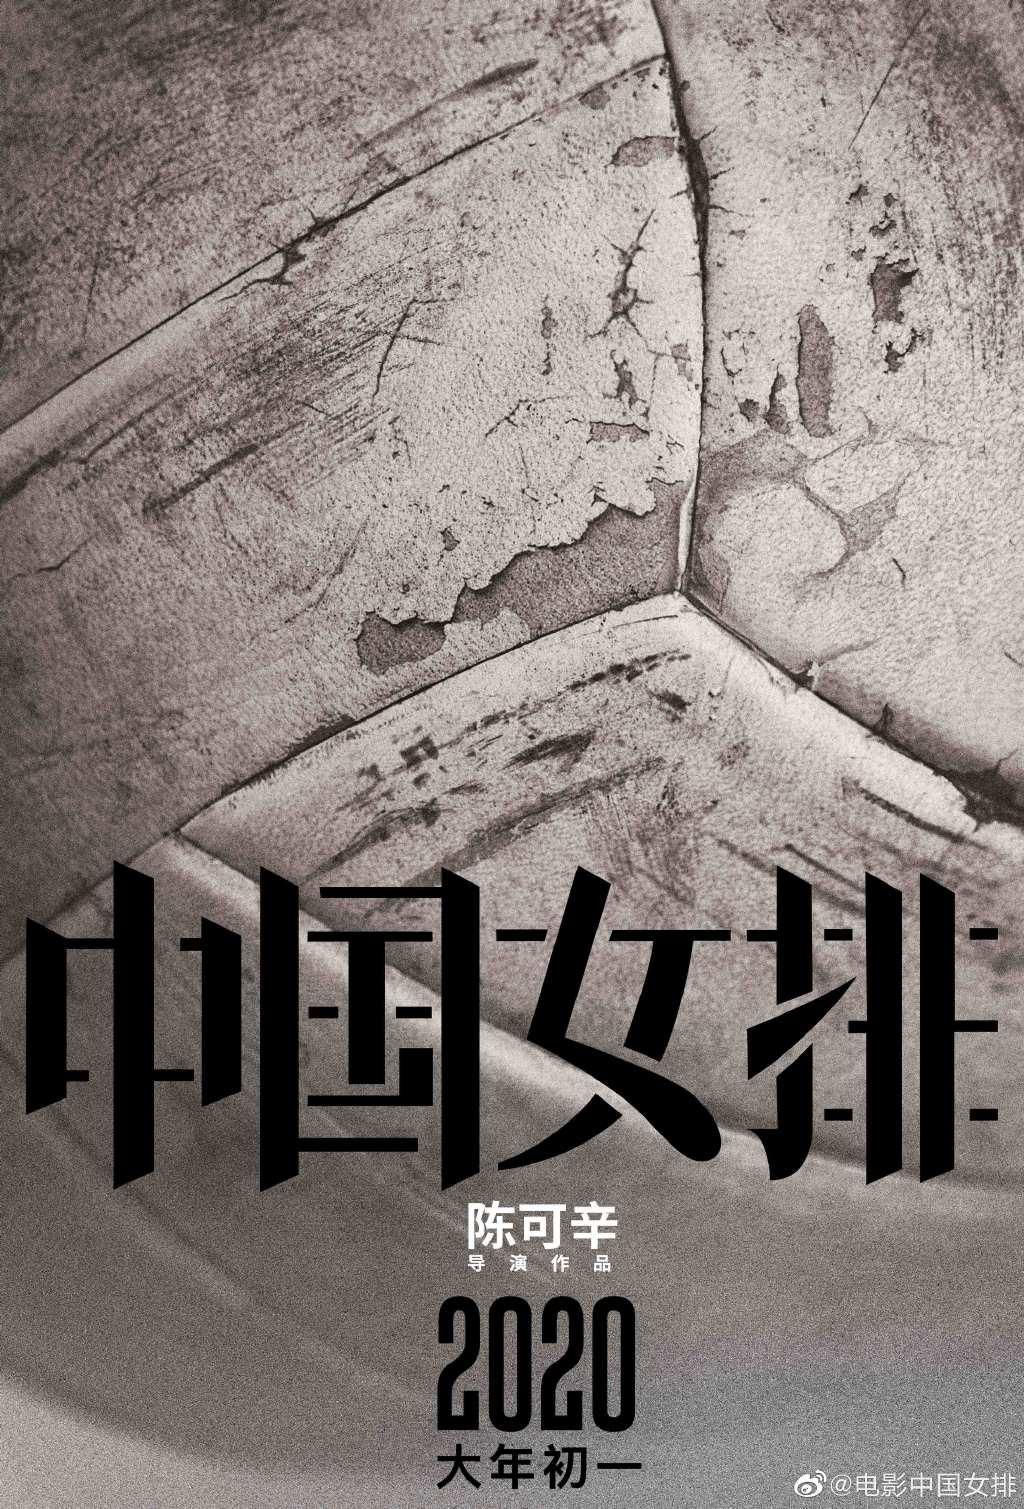 独家丨《中国女排》采用48帧拍